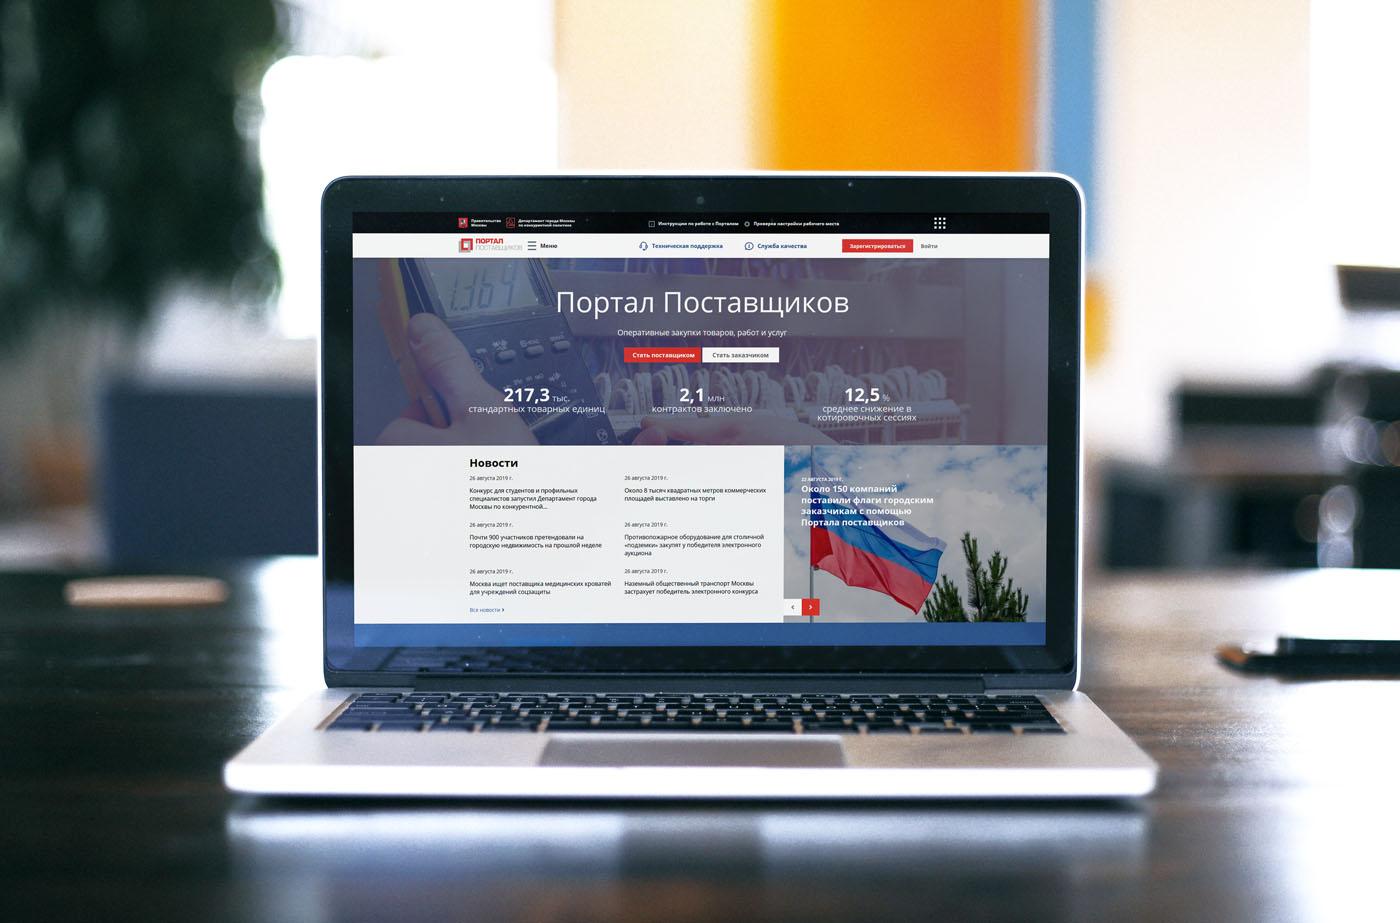 На Портале Поставщиков заключено более 160 договоров на паспортизацию зеленых насаждений